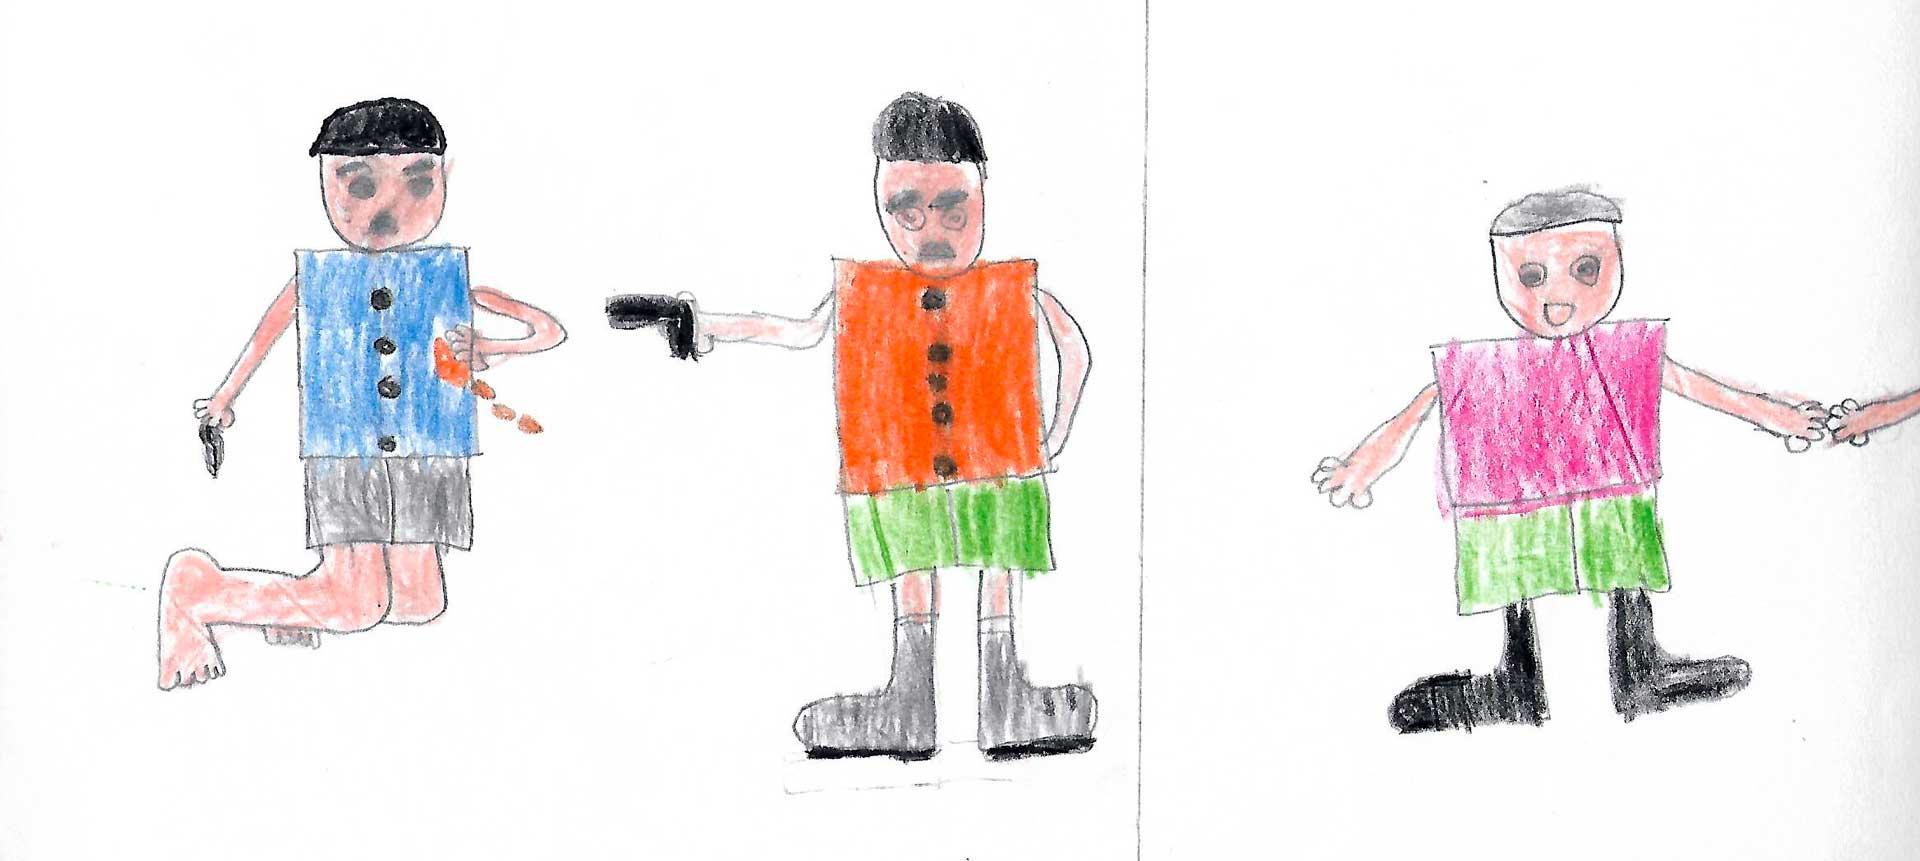 fd0859907 Dibujos de paz y violencia en el Guaviare - Cerosetenta